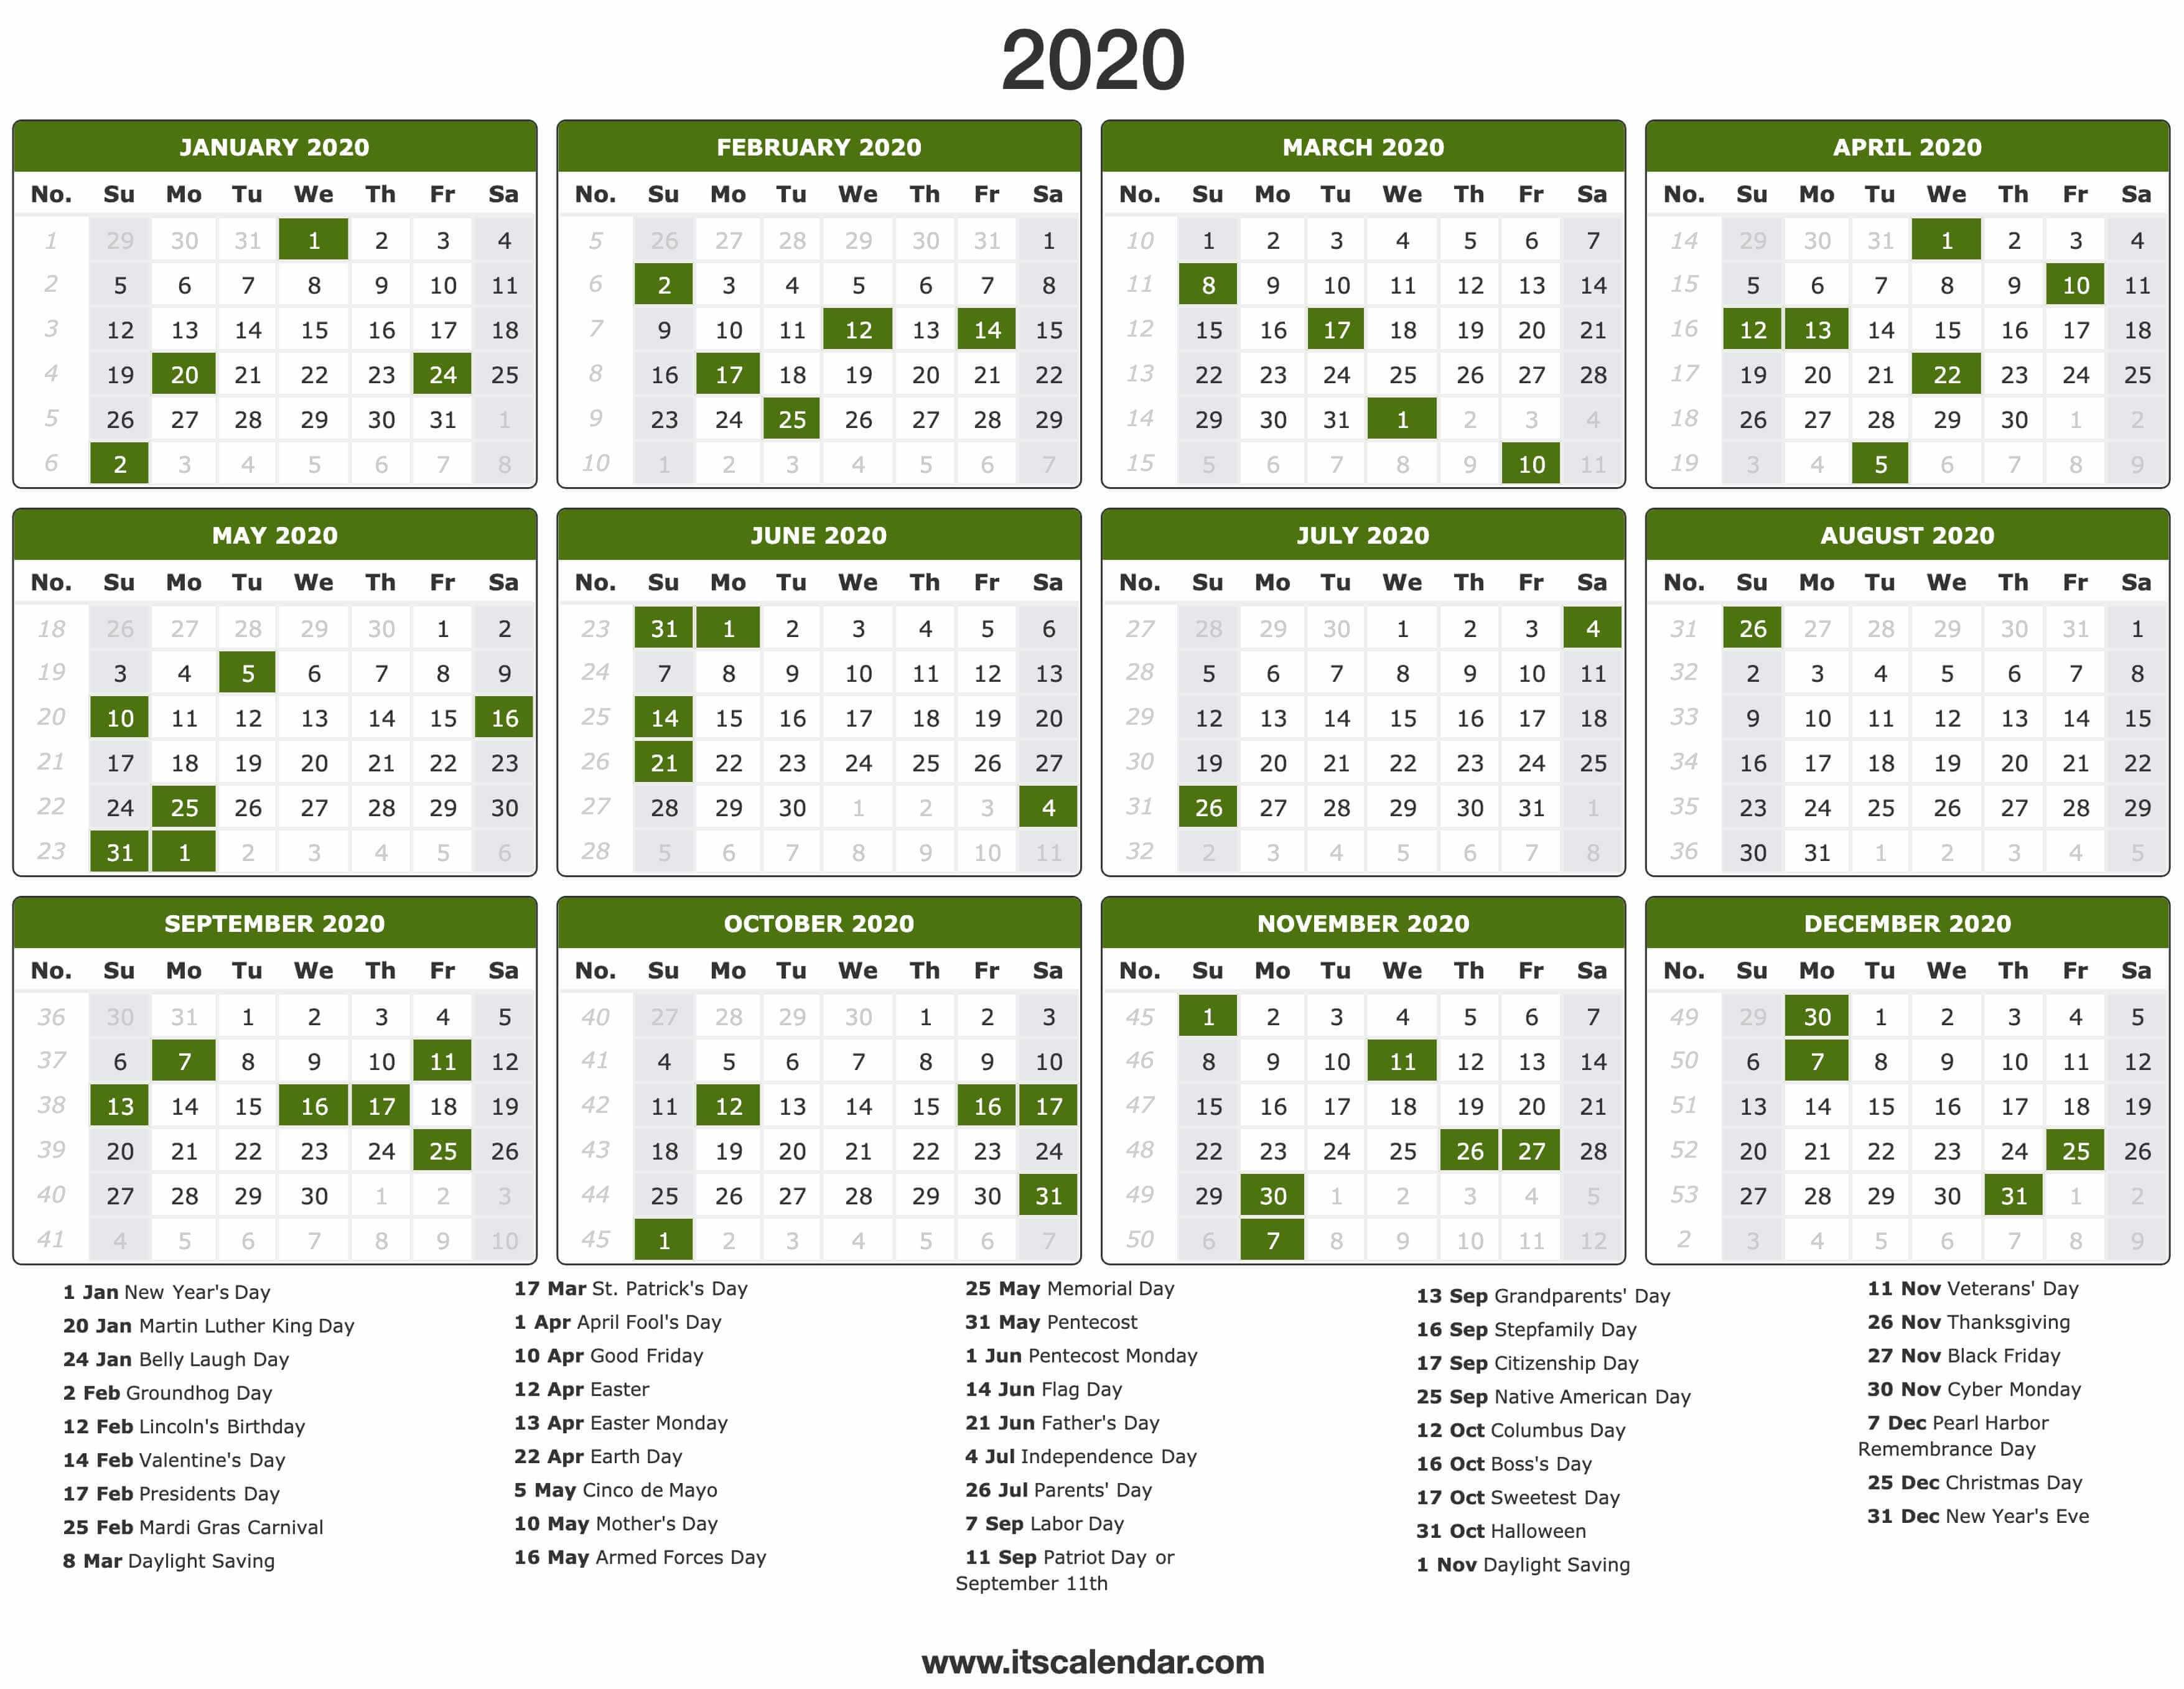 2020 2020 2020 Calendar Printable - Wpa.wpart.co